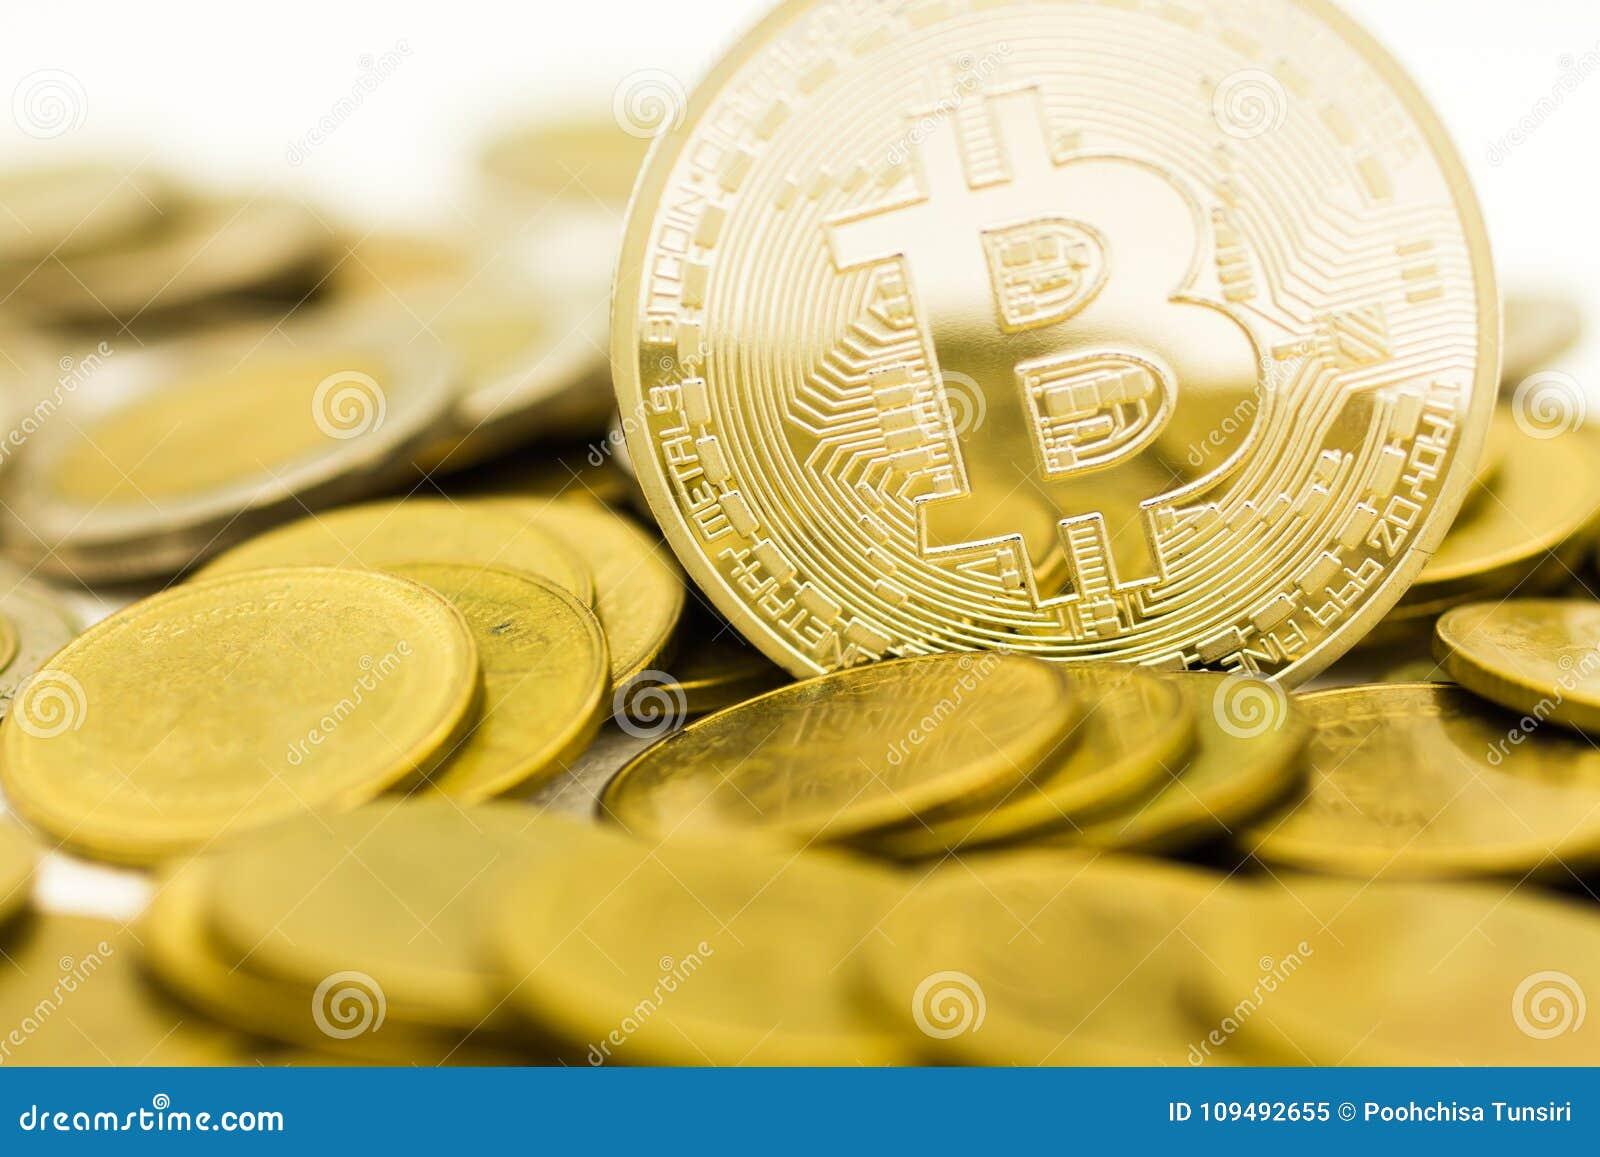 Νόμισμα Bitcoin υπό μορφή ψηφιακού Cryptocurrency, για να είναι μεσάζων στην ανταλλαγή των αγαθών και των υπηρεσιών